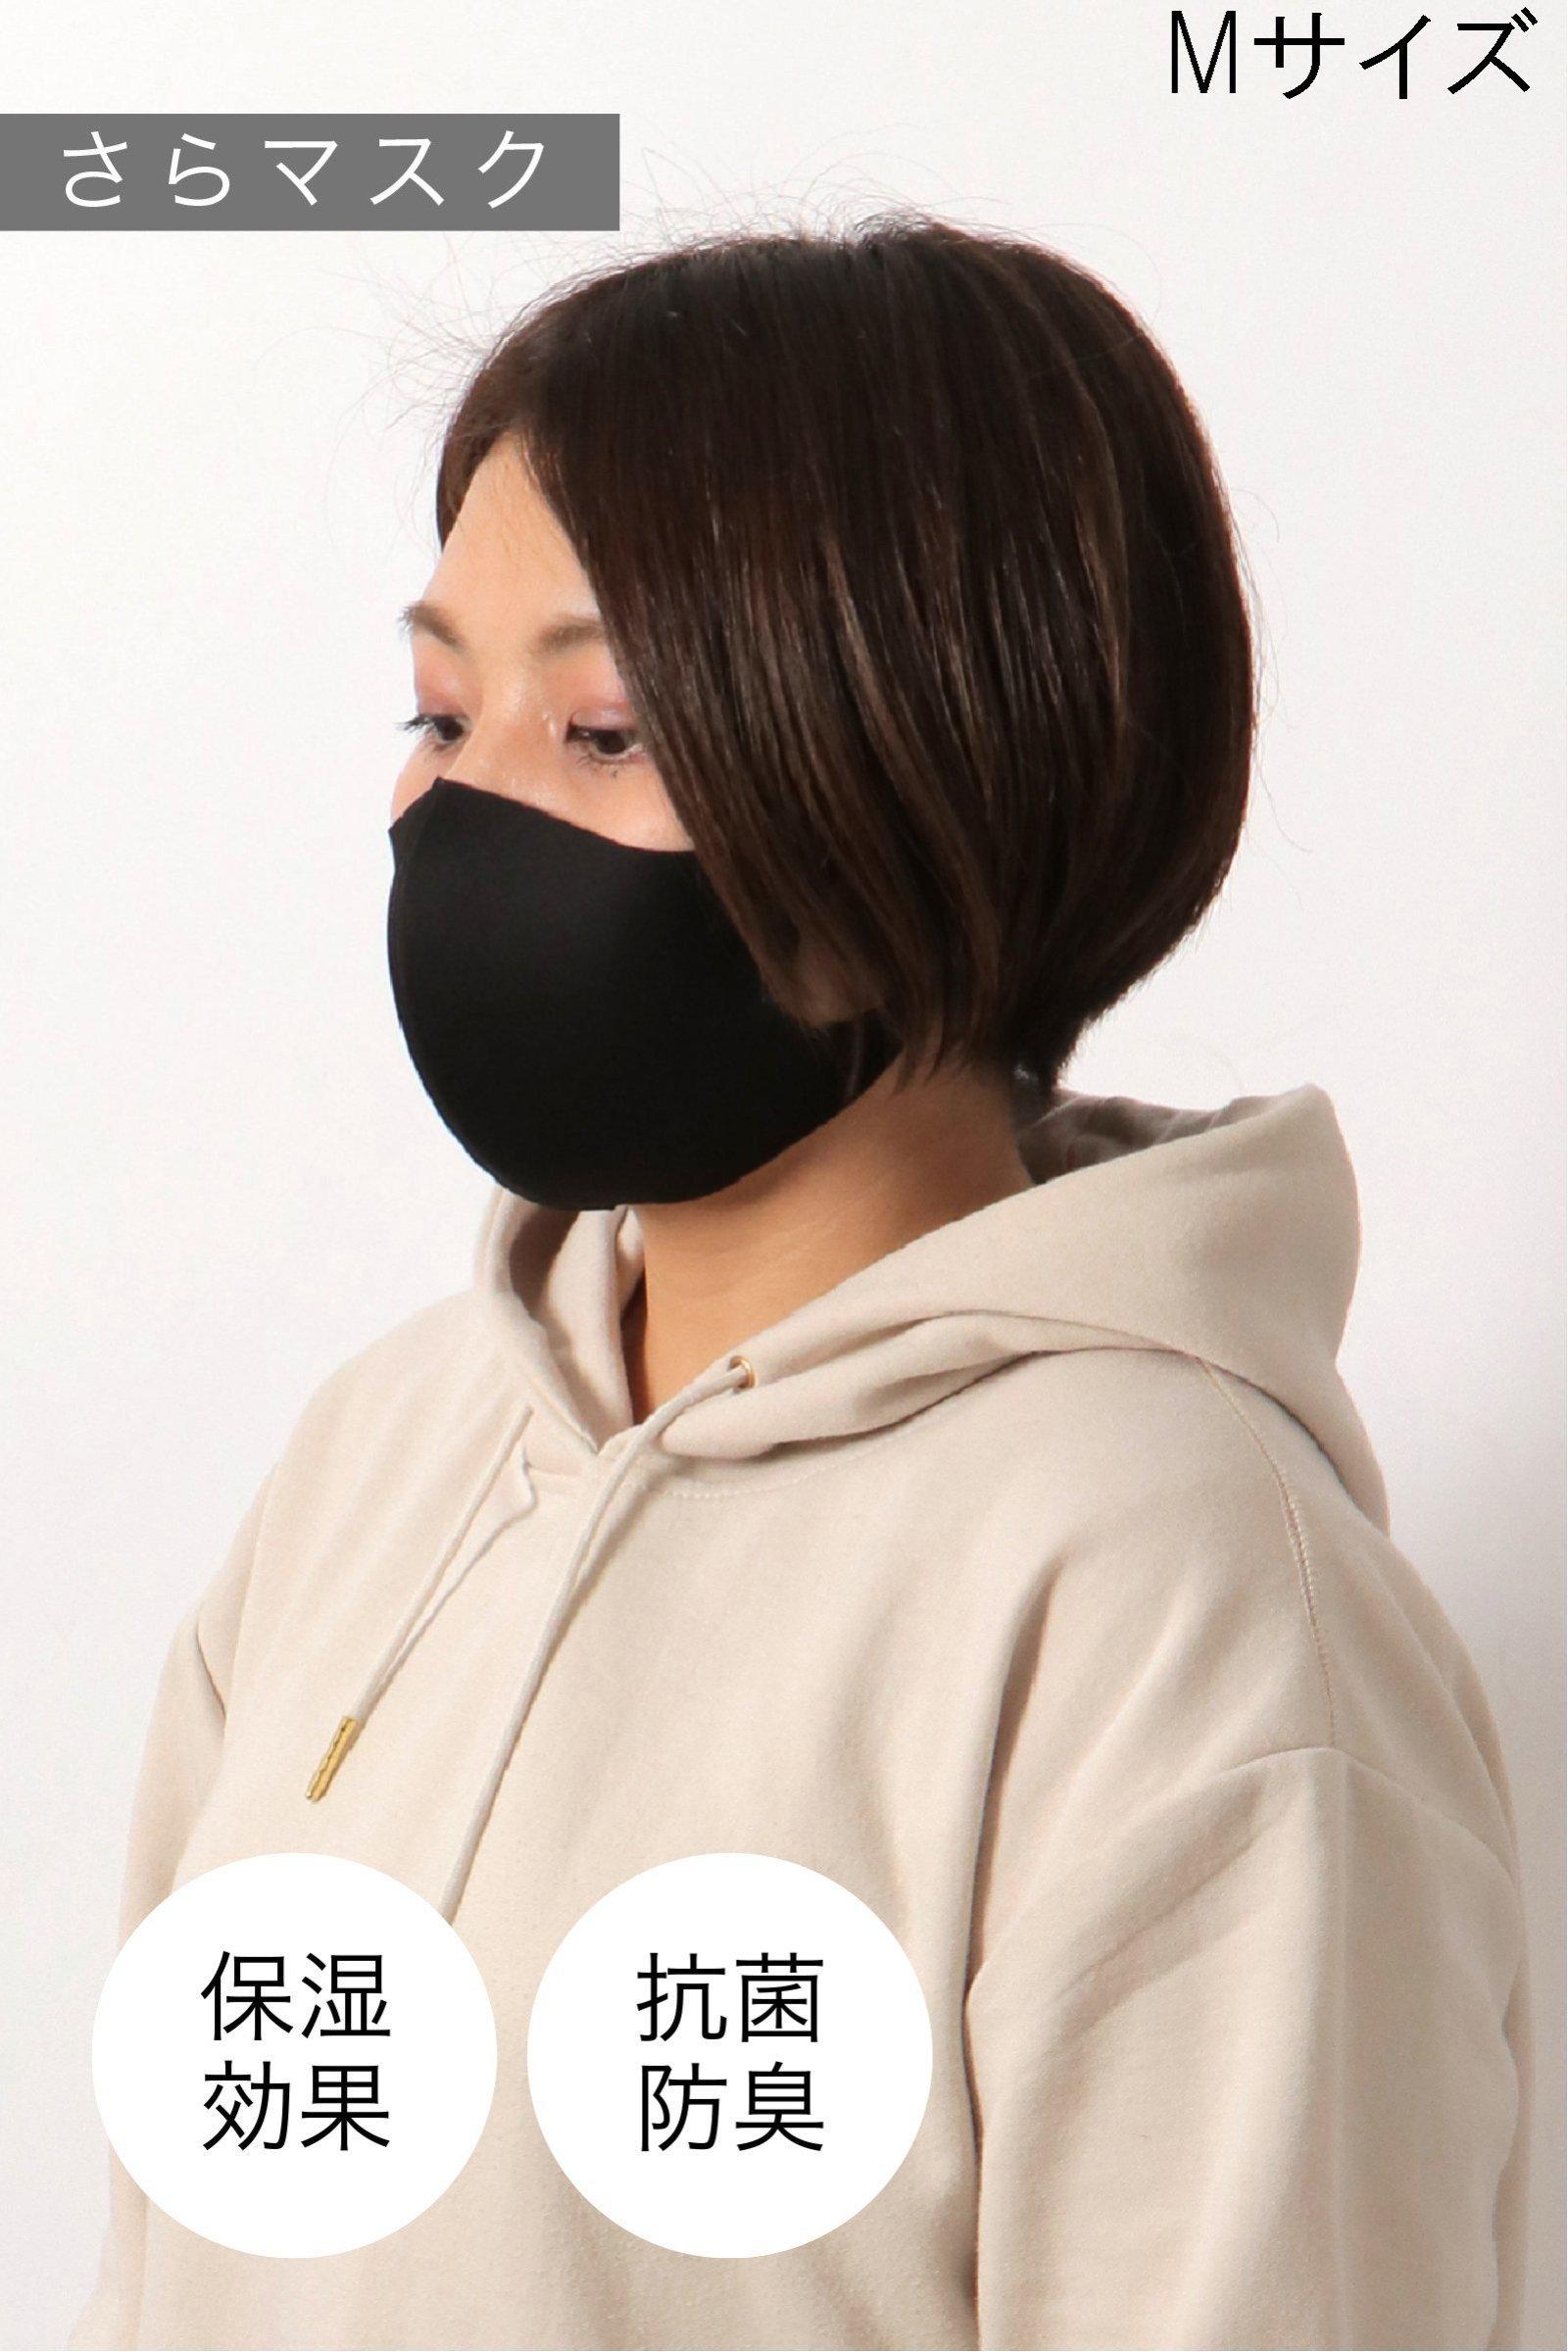 【おとな用】 さらマスク ブラック